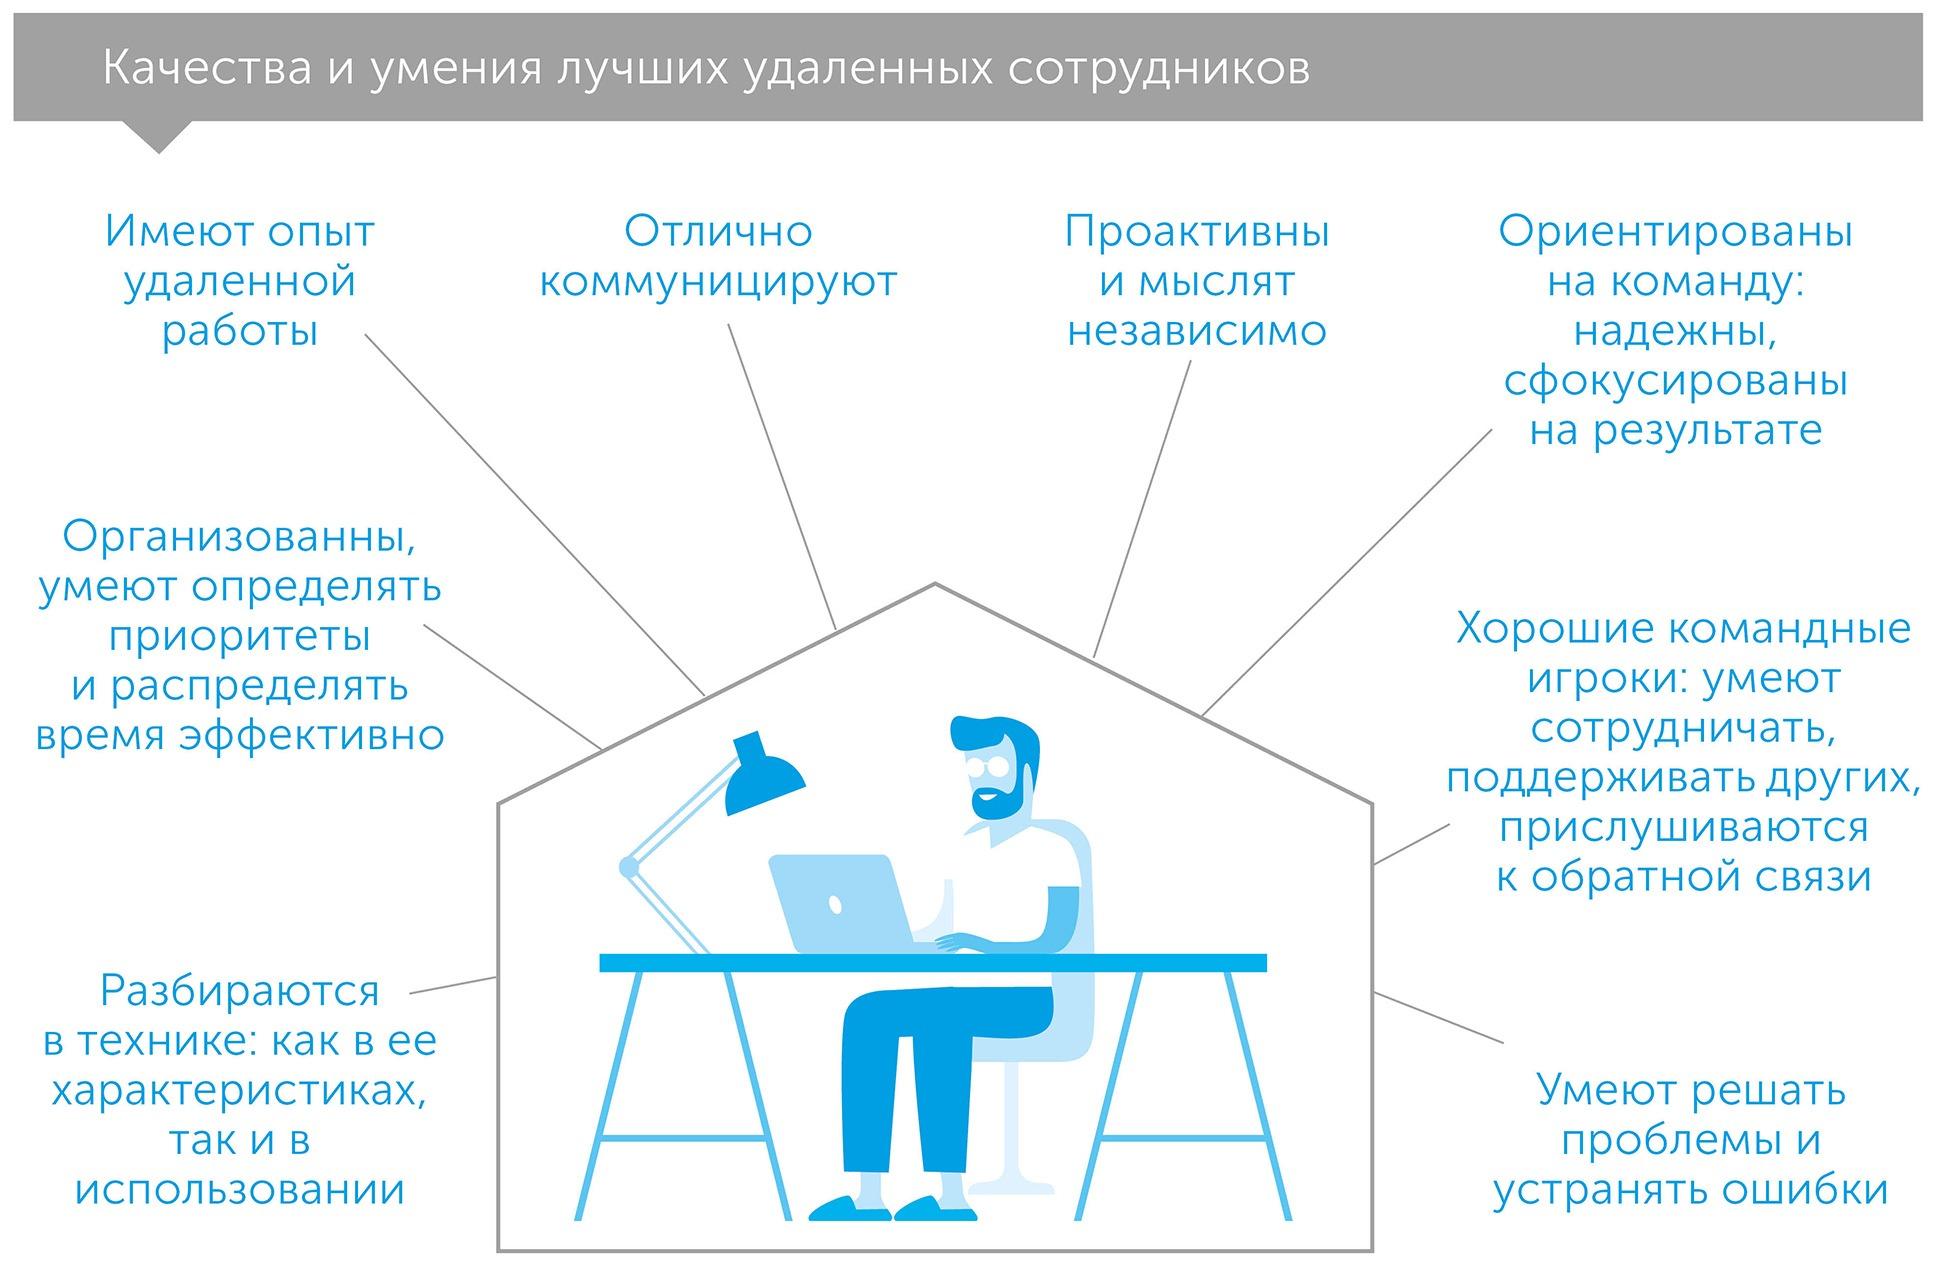 Вместе и где угодно. Инструкция по успешной удаленной работе для сотрудников, руководителей и команд, автор Лизетт Сазерленд   Kyivstar Business Hub, изображение №3